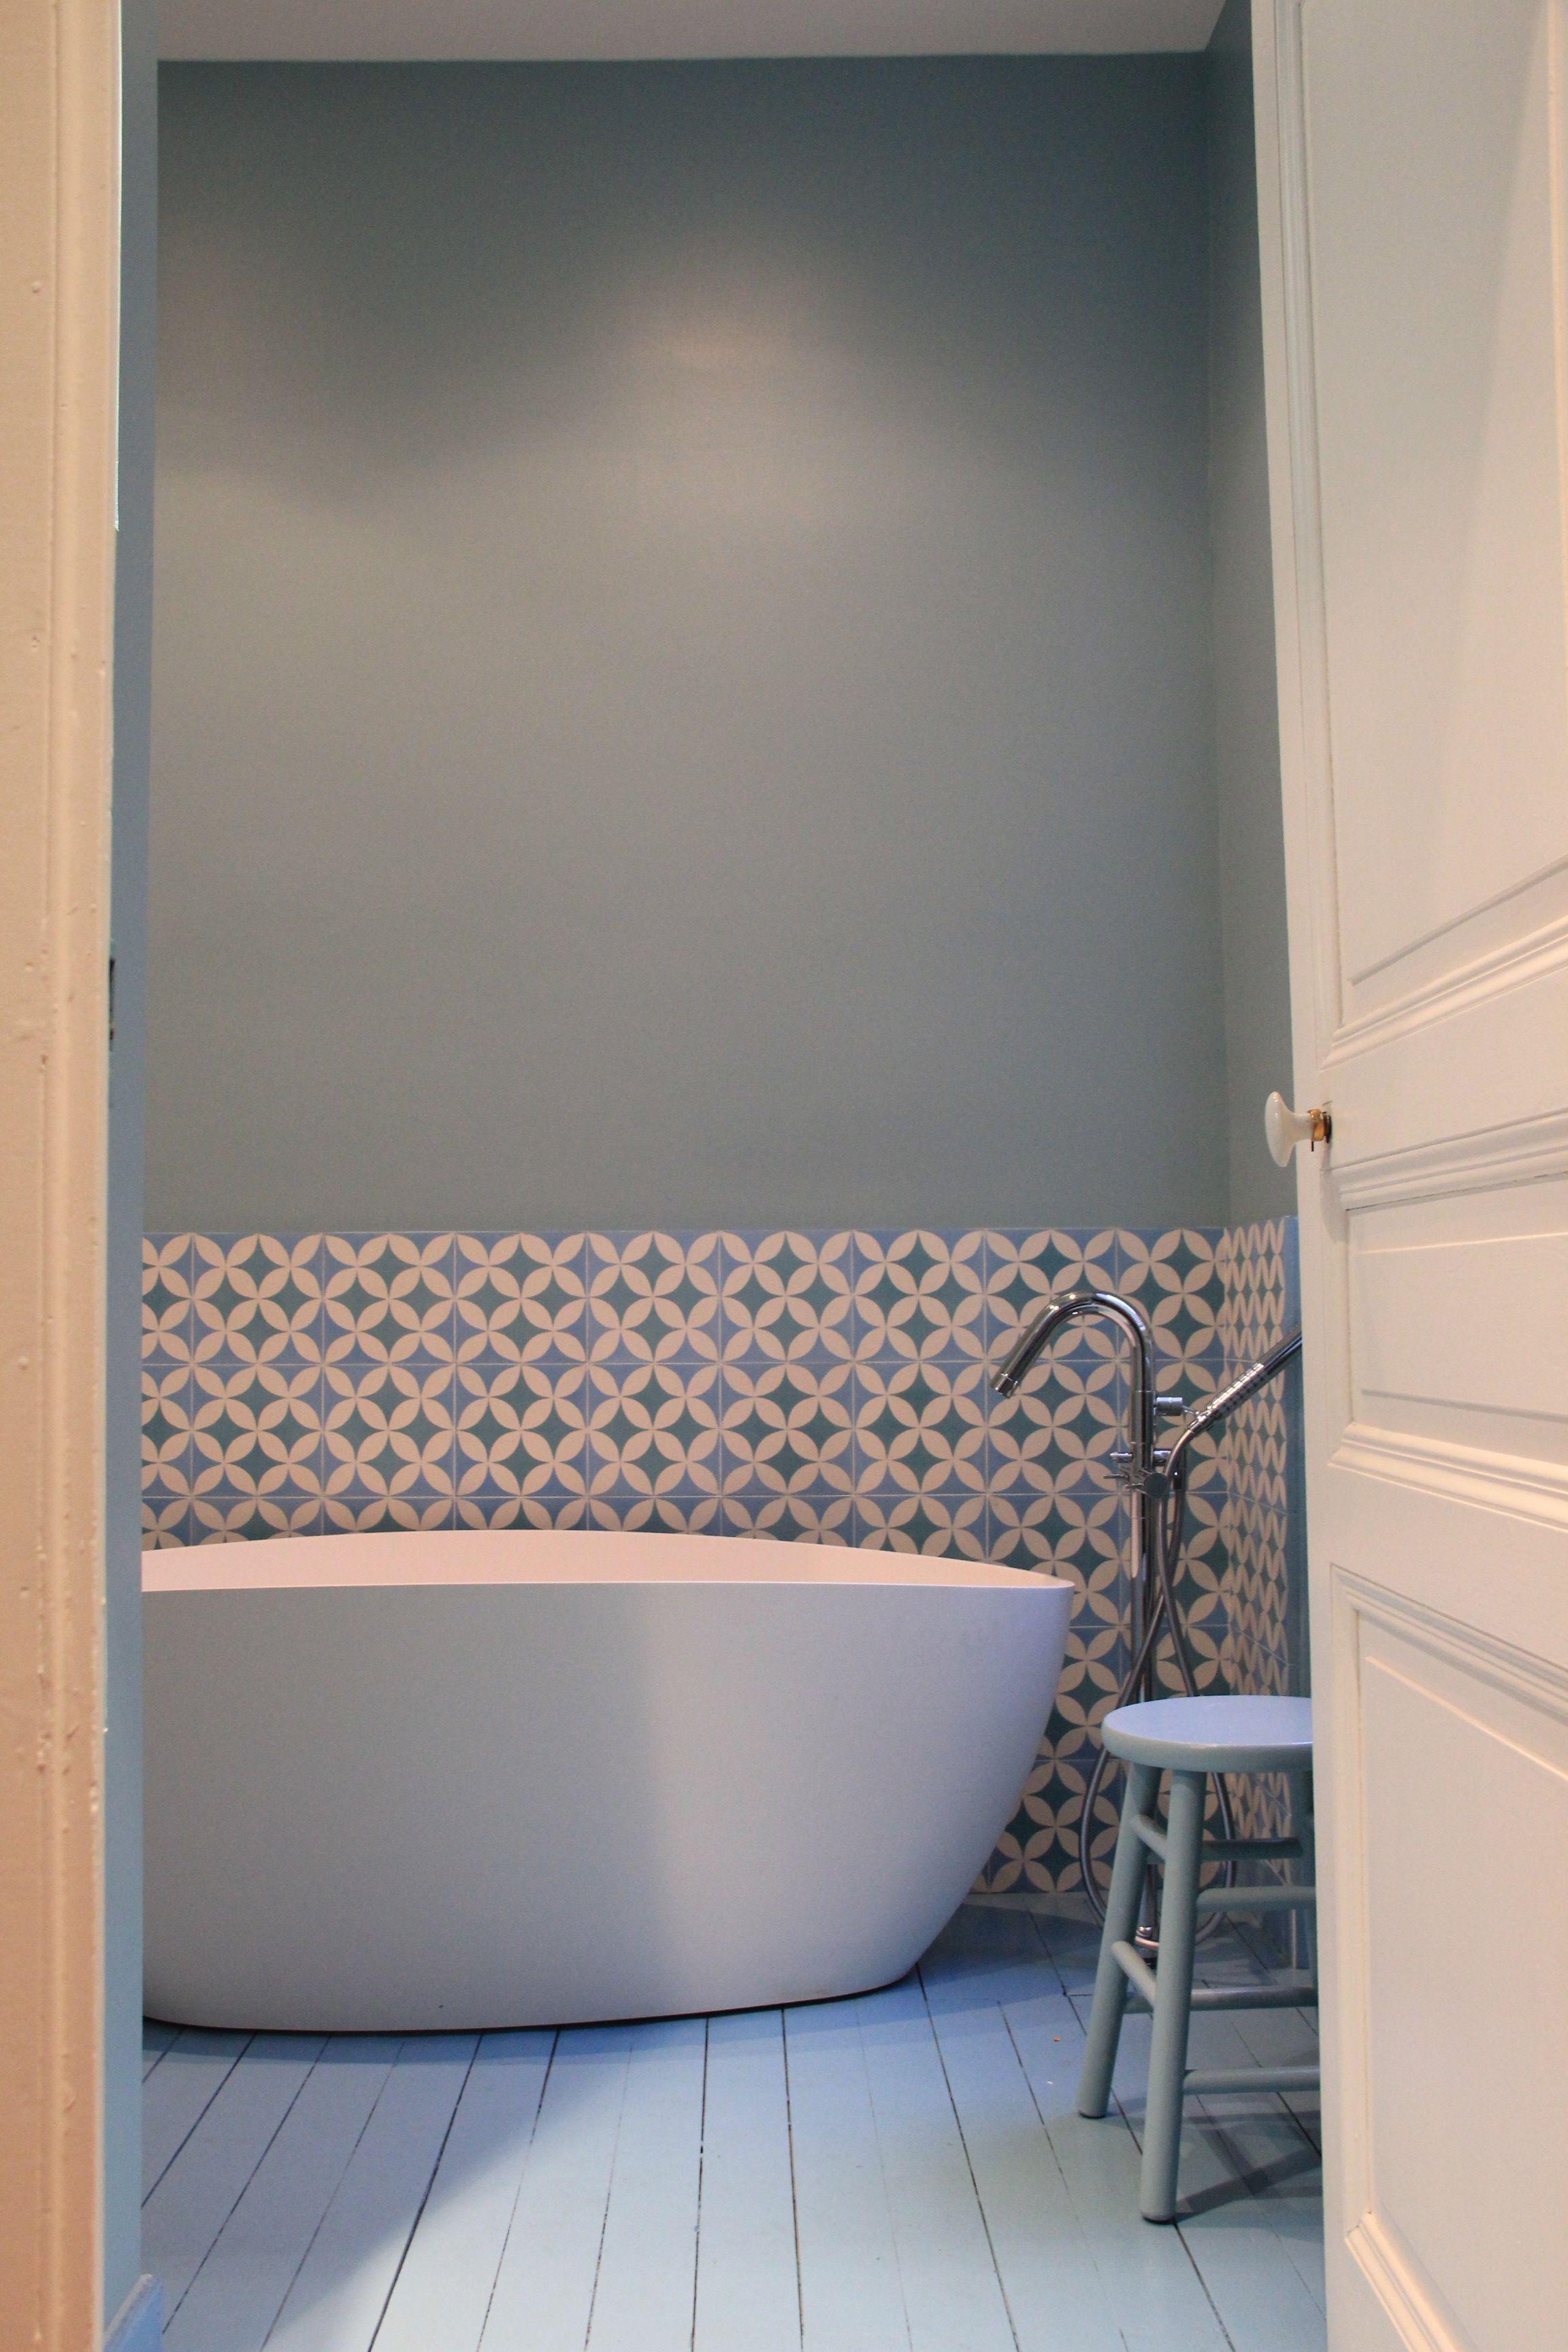 salle de bain carreaux de ciment | Salle de bains | Pinterest ...